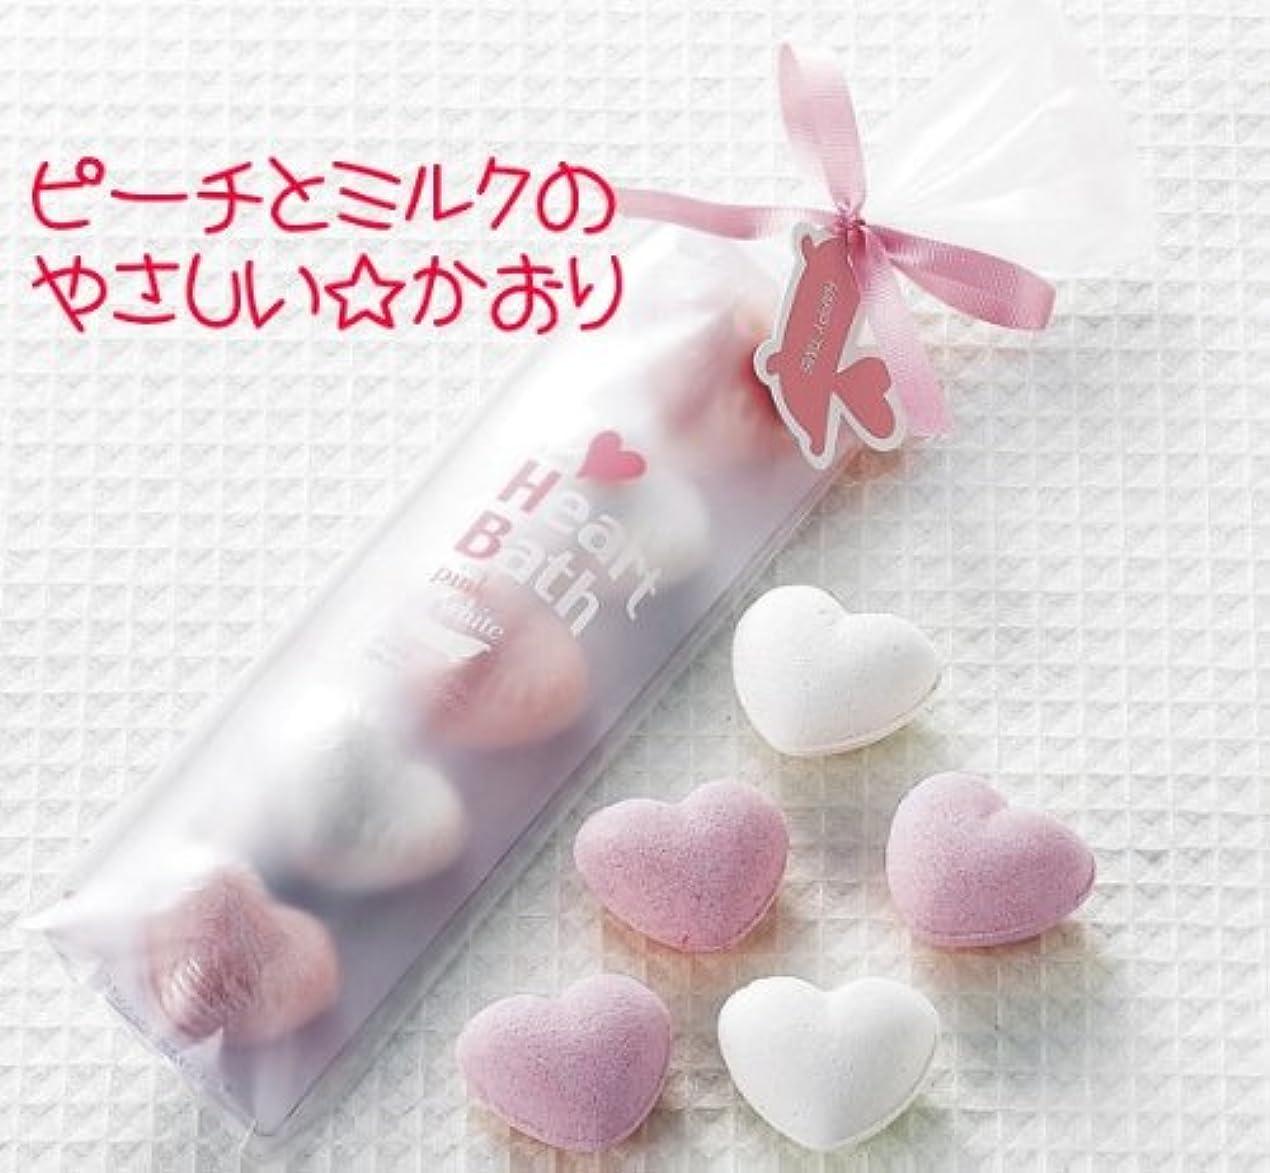 頬昆虫暫定ハートの入浴剤 ピーチ&ミルク【結婚式 二次会 プチギフト】